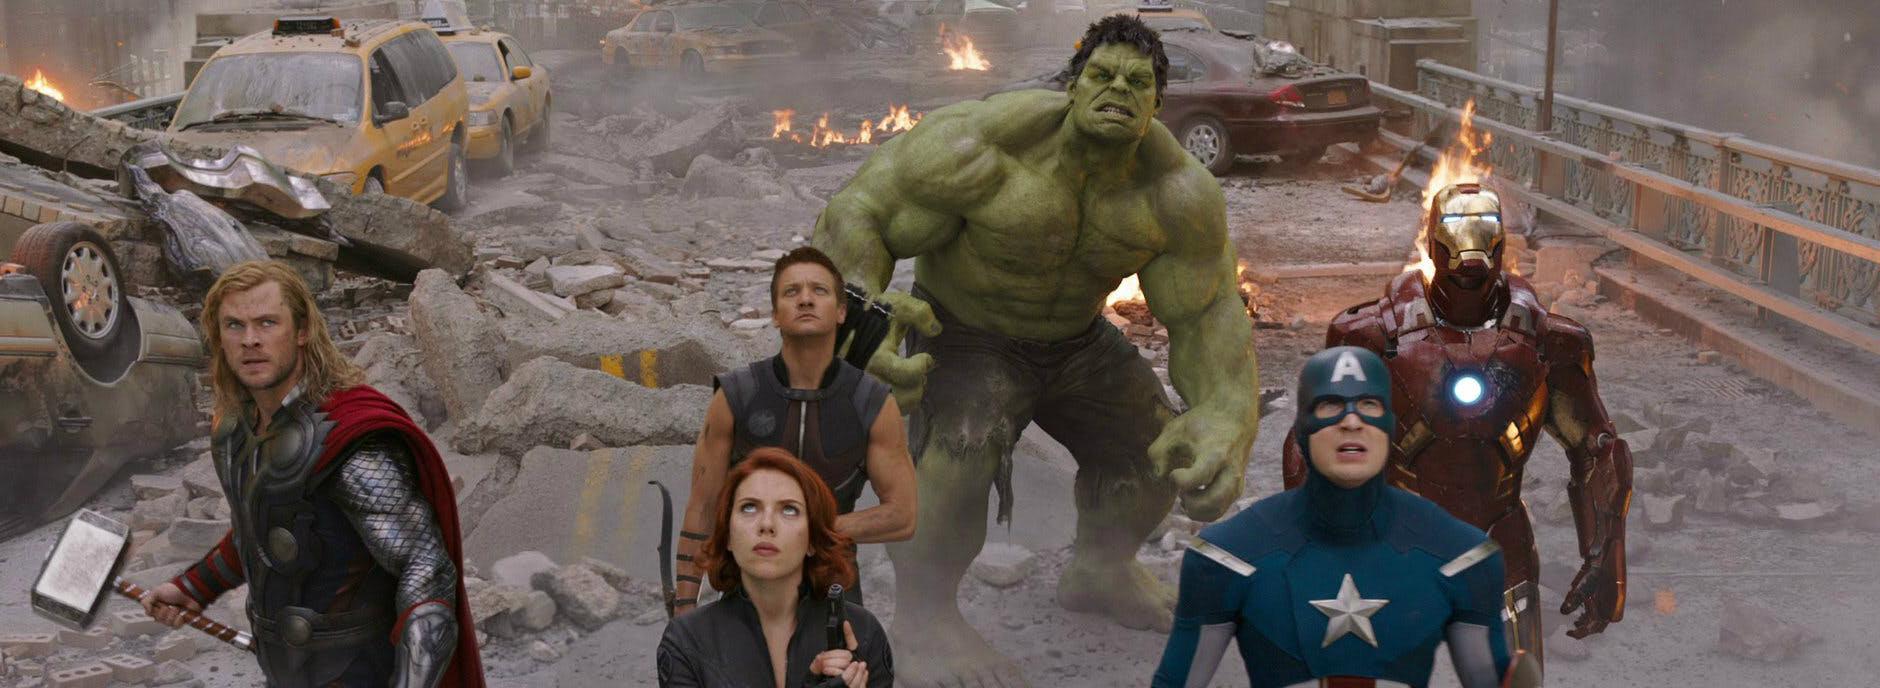 Avengers 4 des photos de tournage teasent un voyage dans for Dans 4